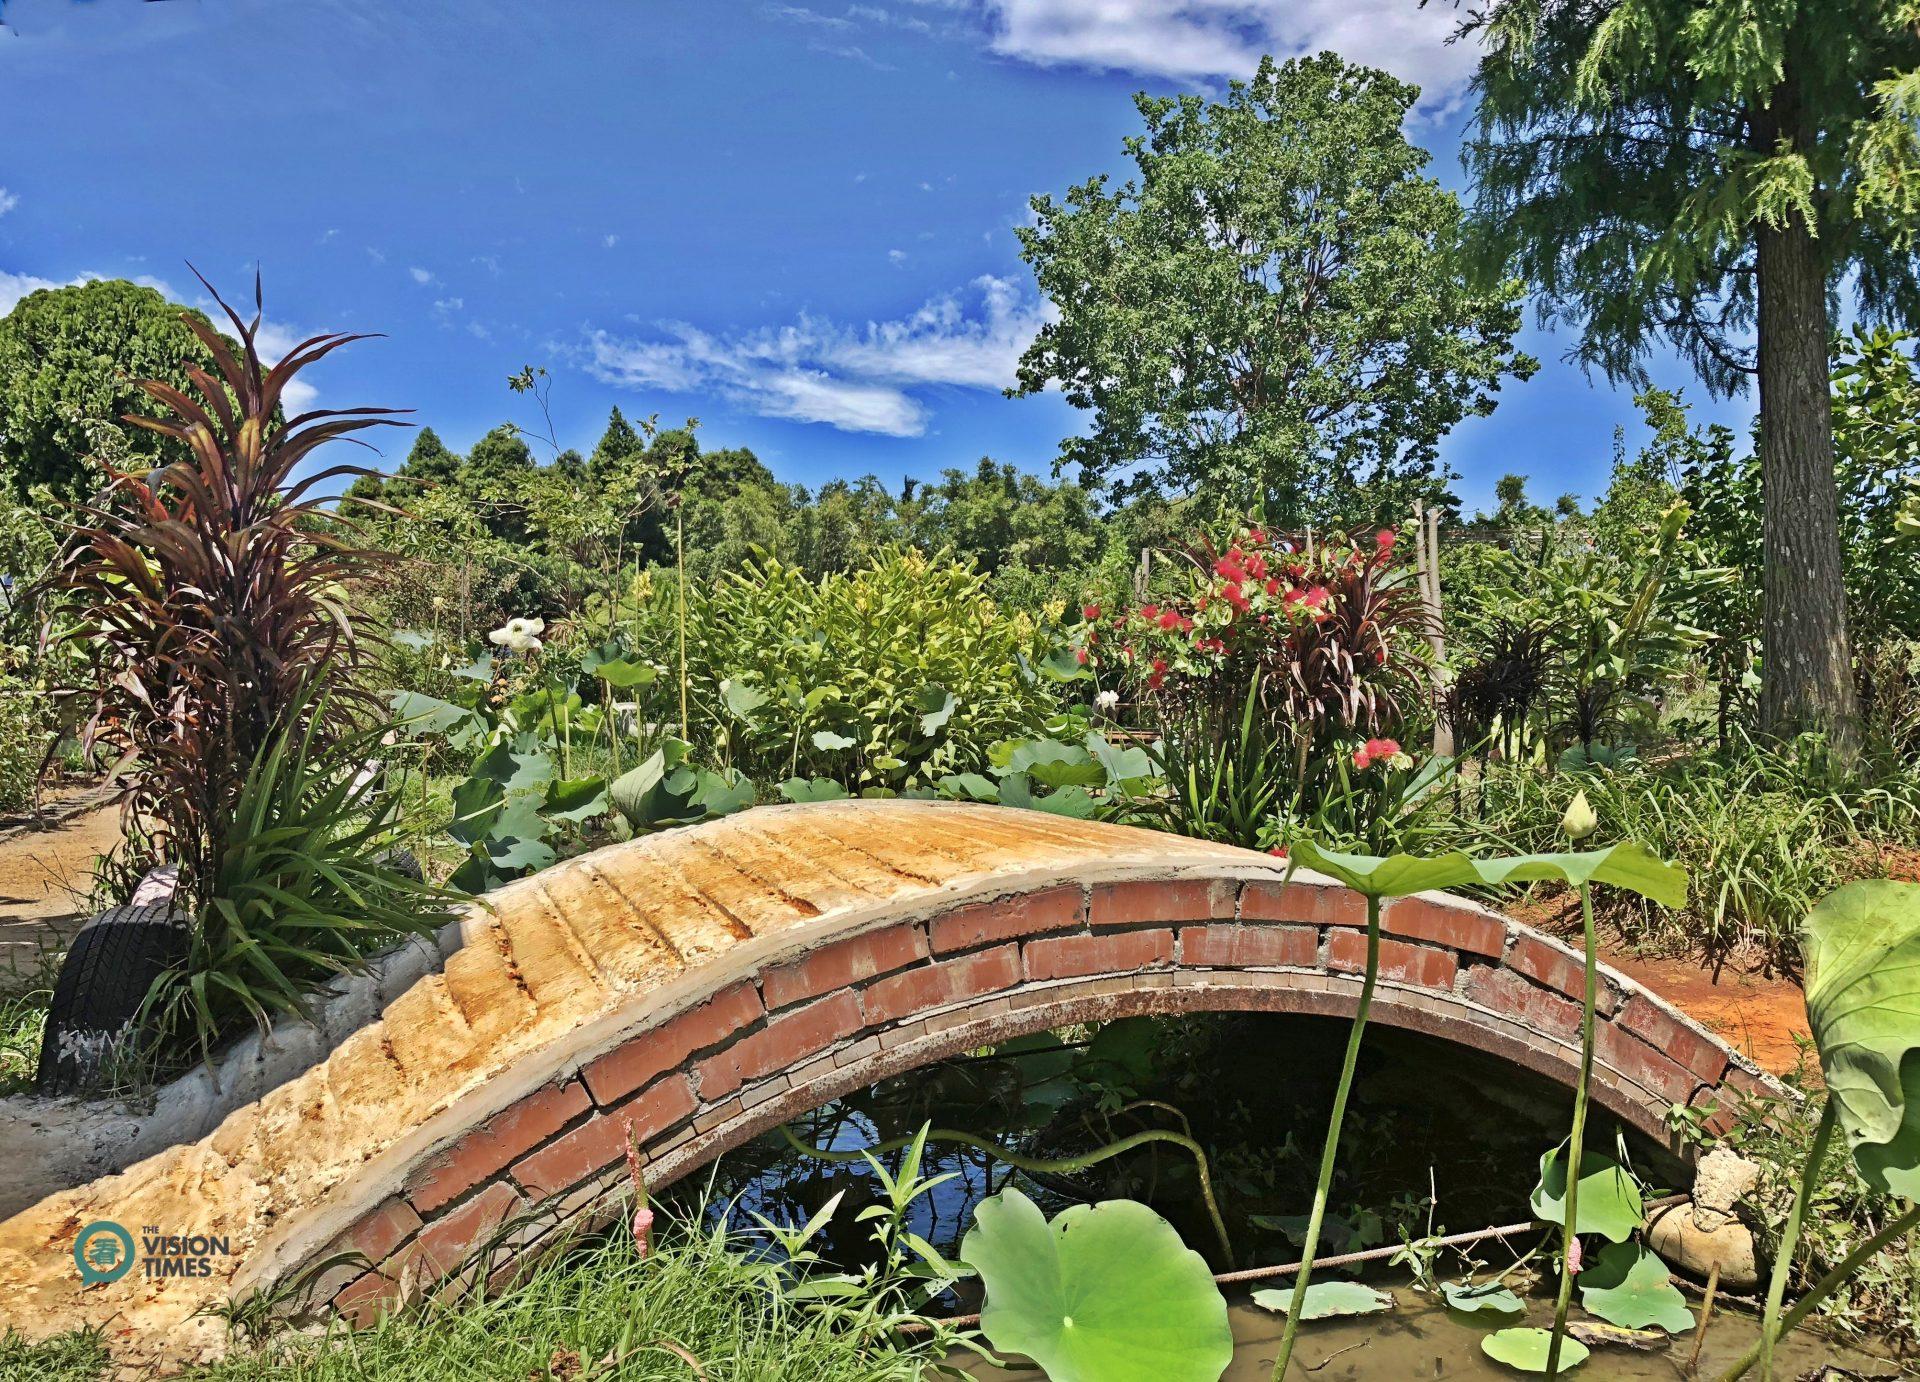 The beautiful garden in Lian He Garden Leisure Farm. (Image: Billy Shyu / Vision Times)